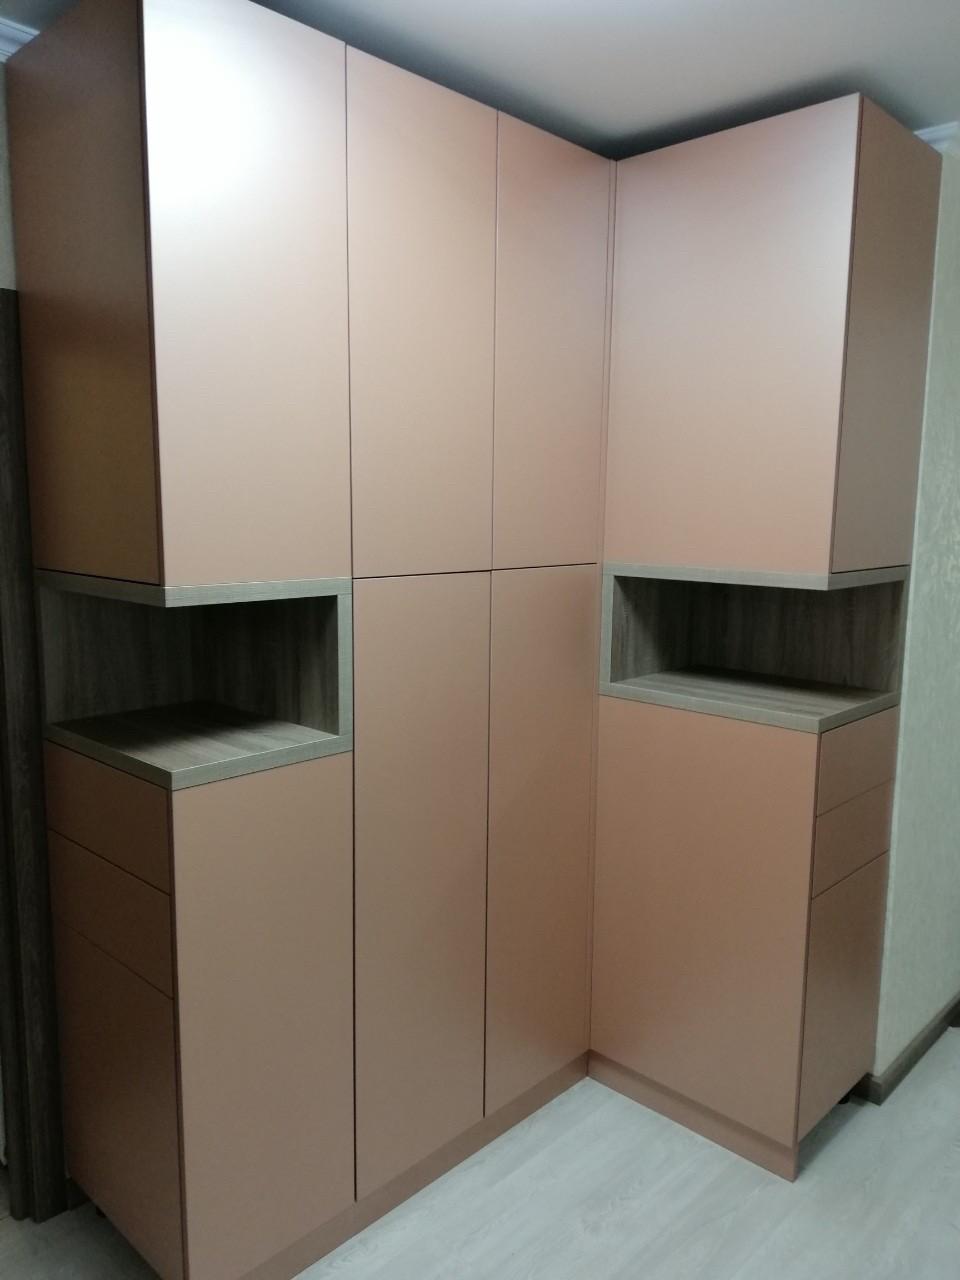 Шкаф угловой в коридор с фасадами без ручек blum tip-on система. Новинка 2019